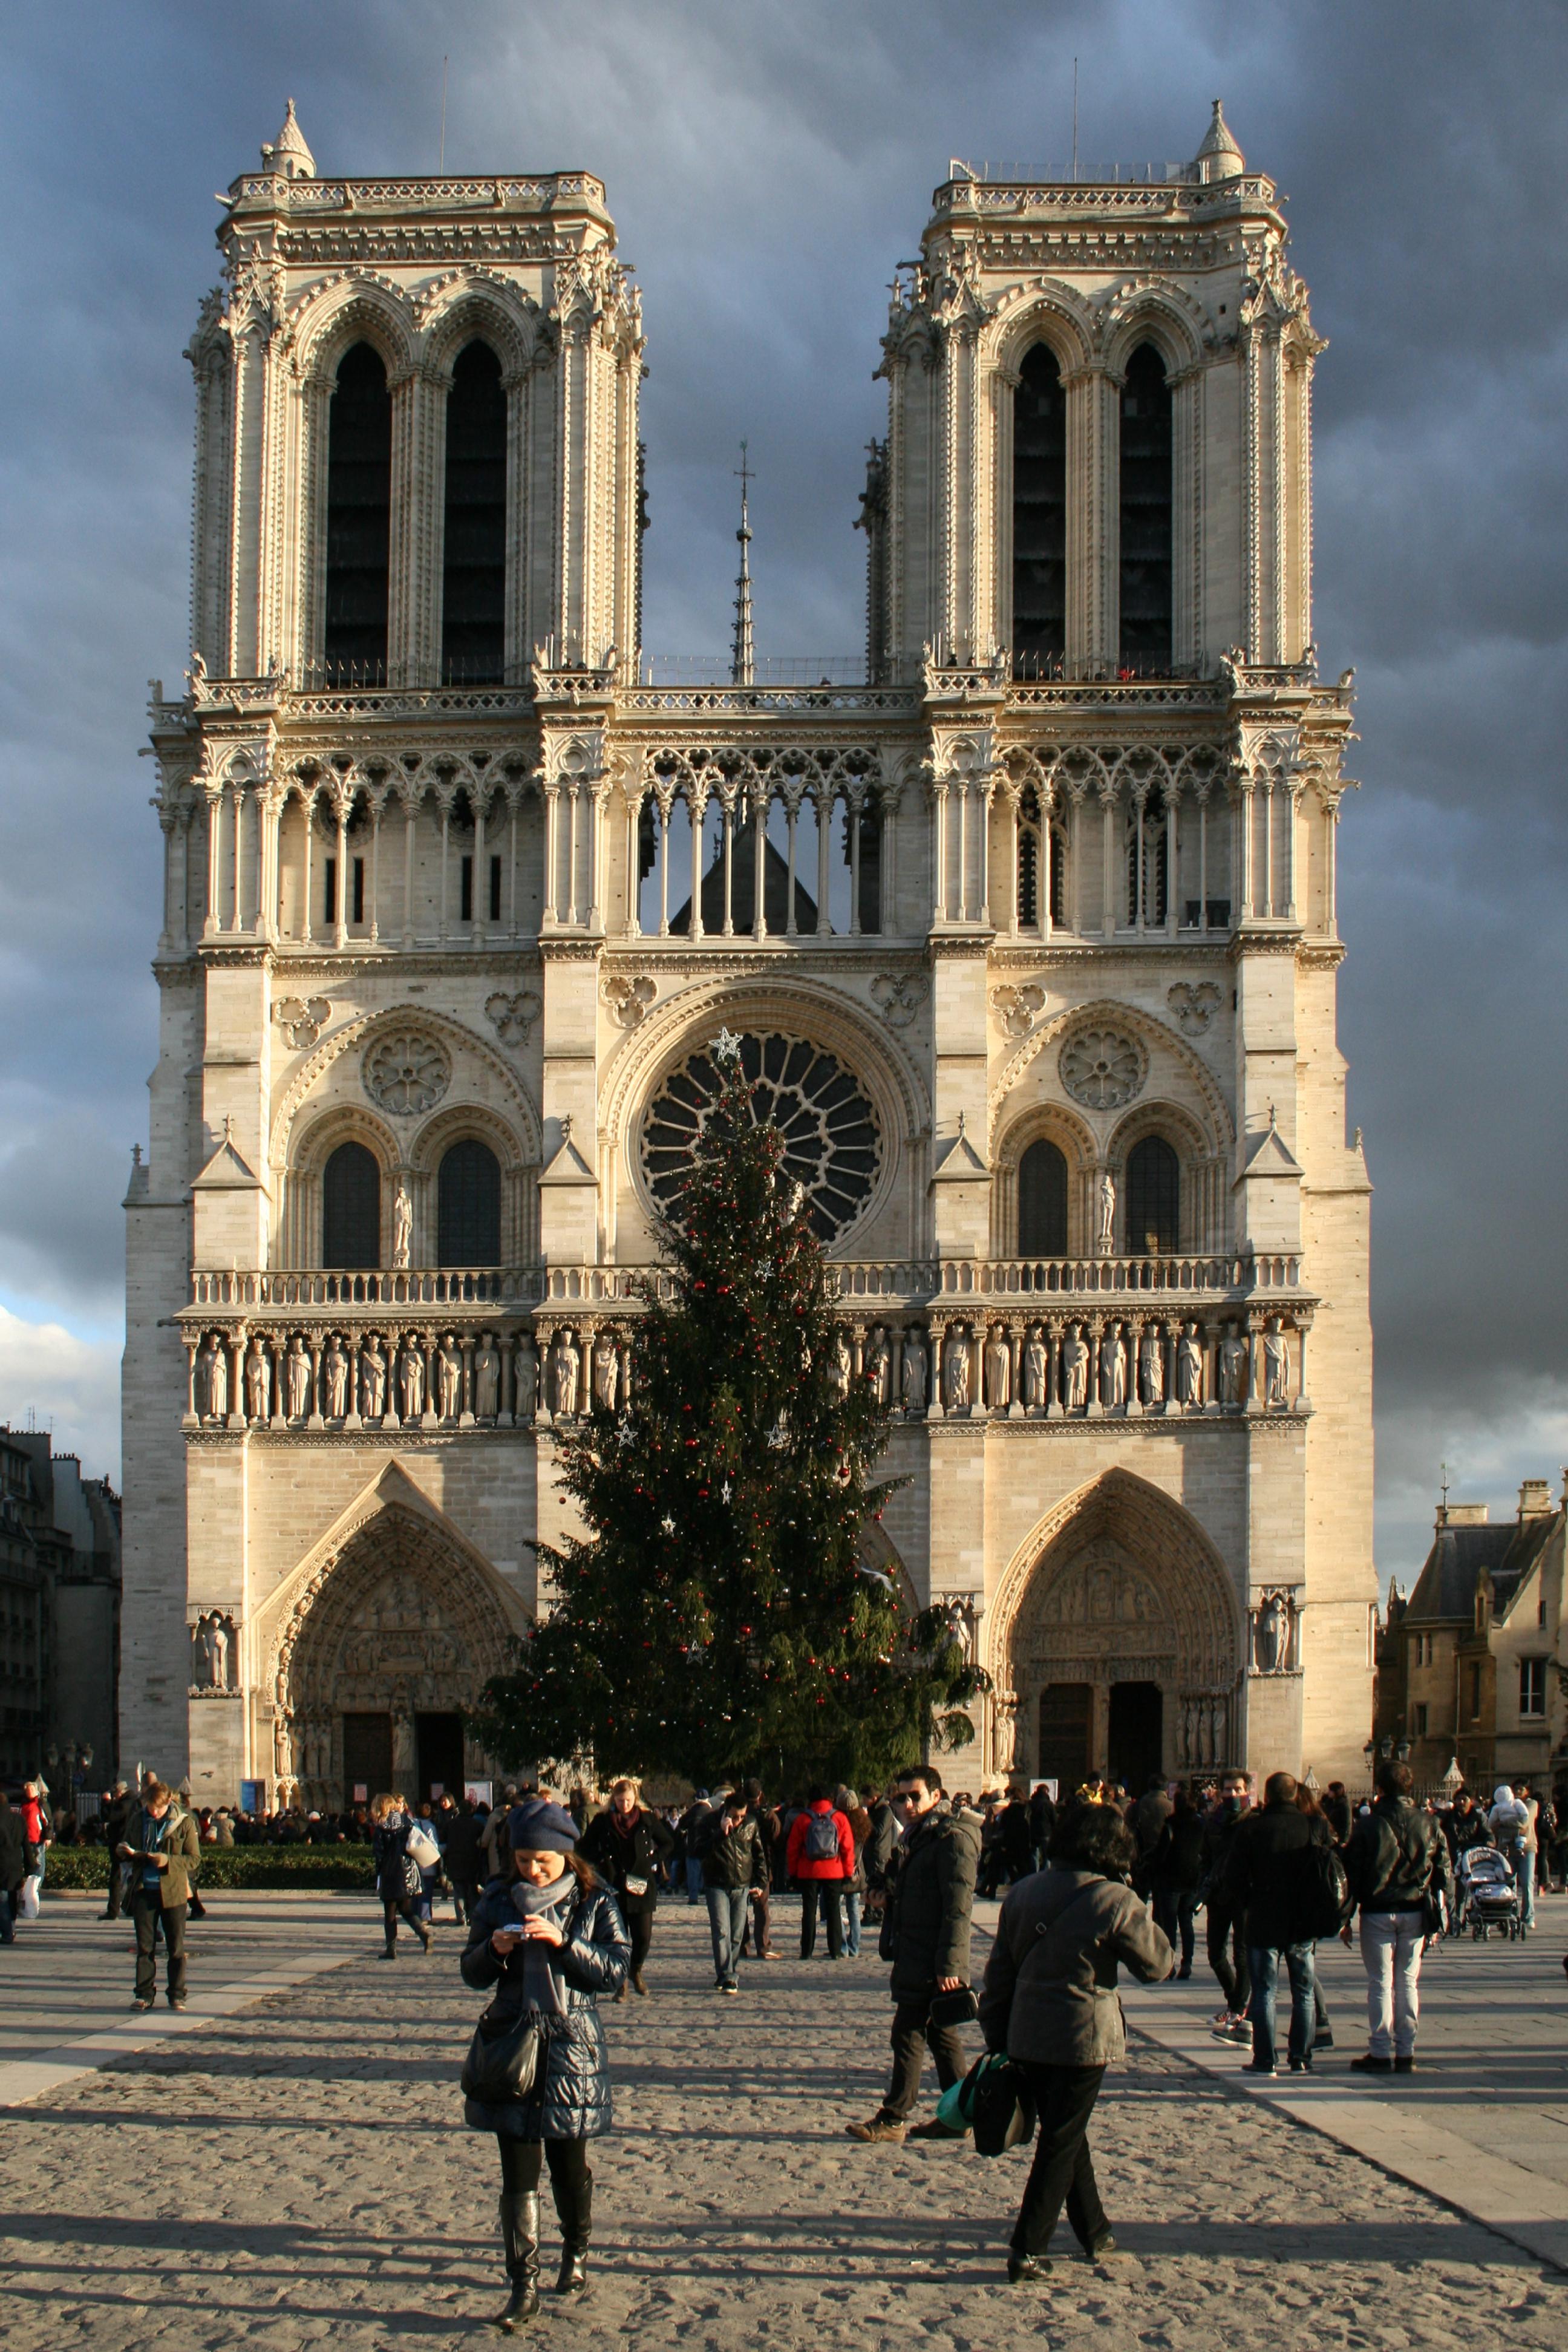 Image Cathédrale Notre Dame de Paris File:0 Cathédrale Notre-dame